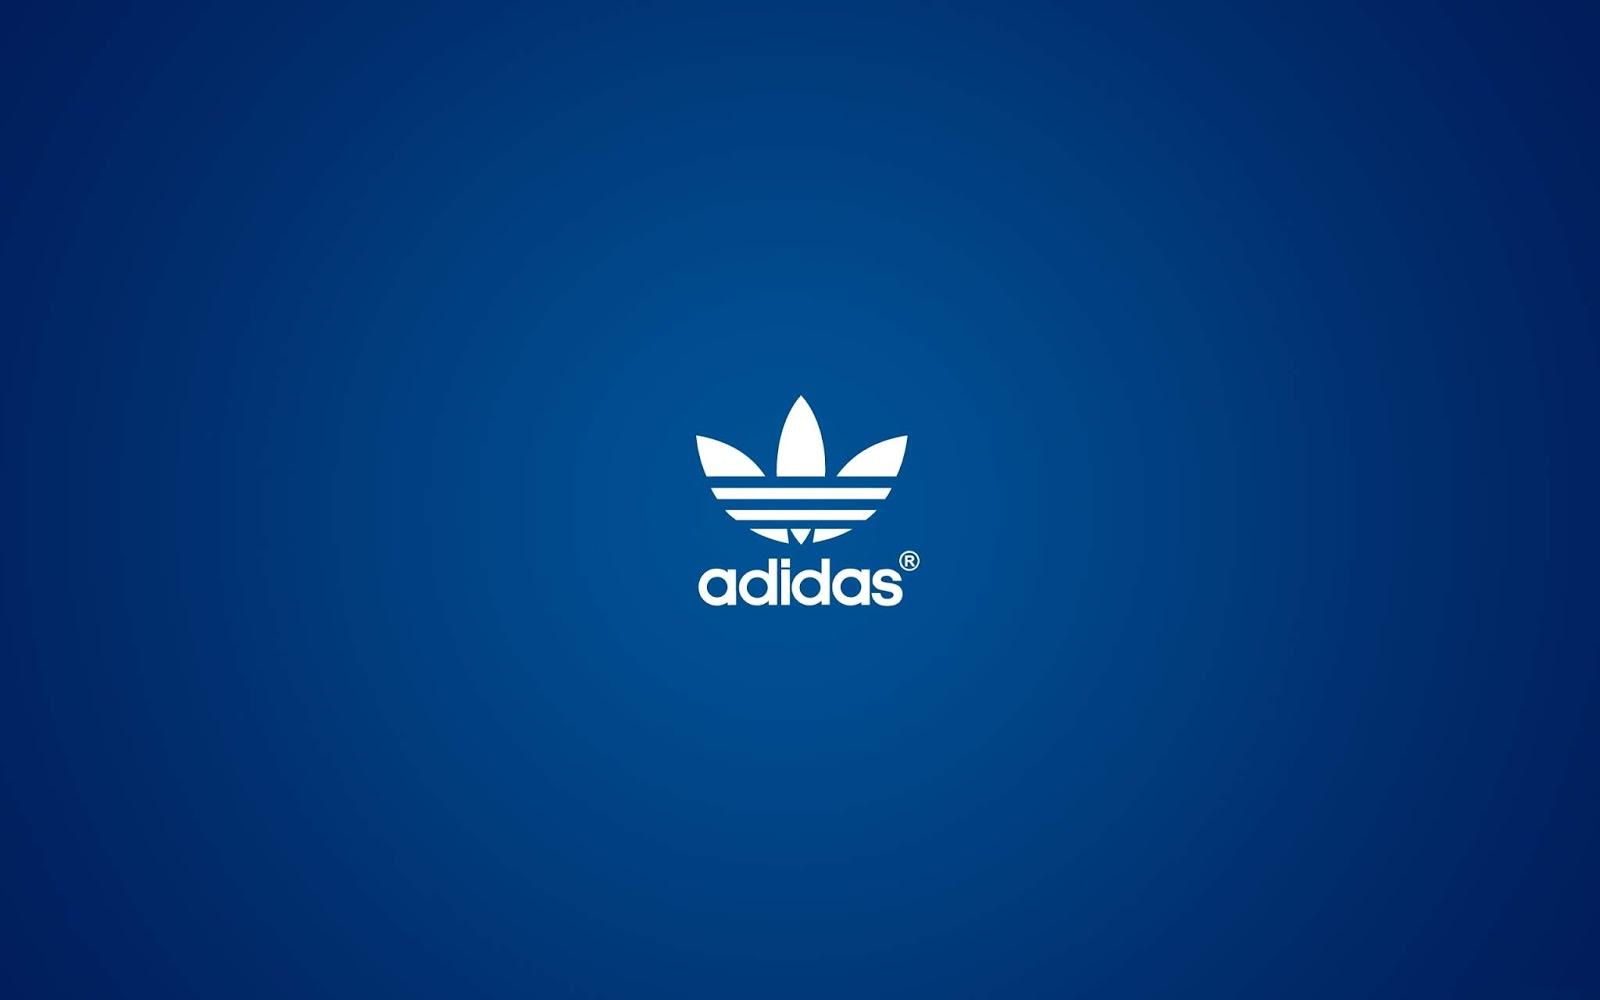 Adidas, Logo, Blue, HD, Sports